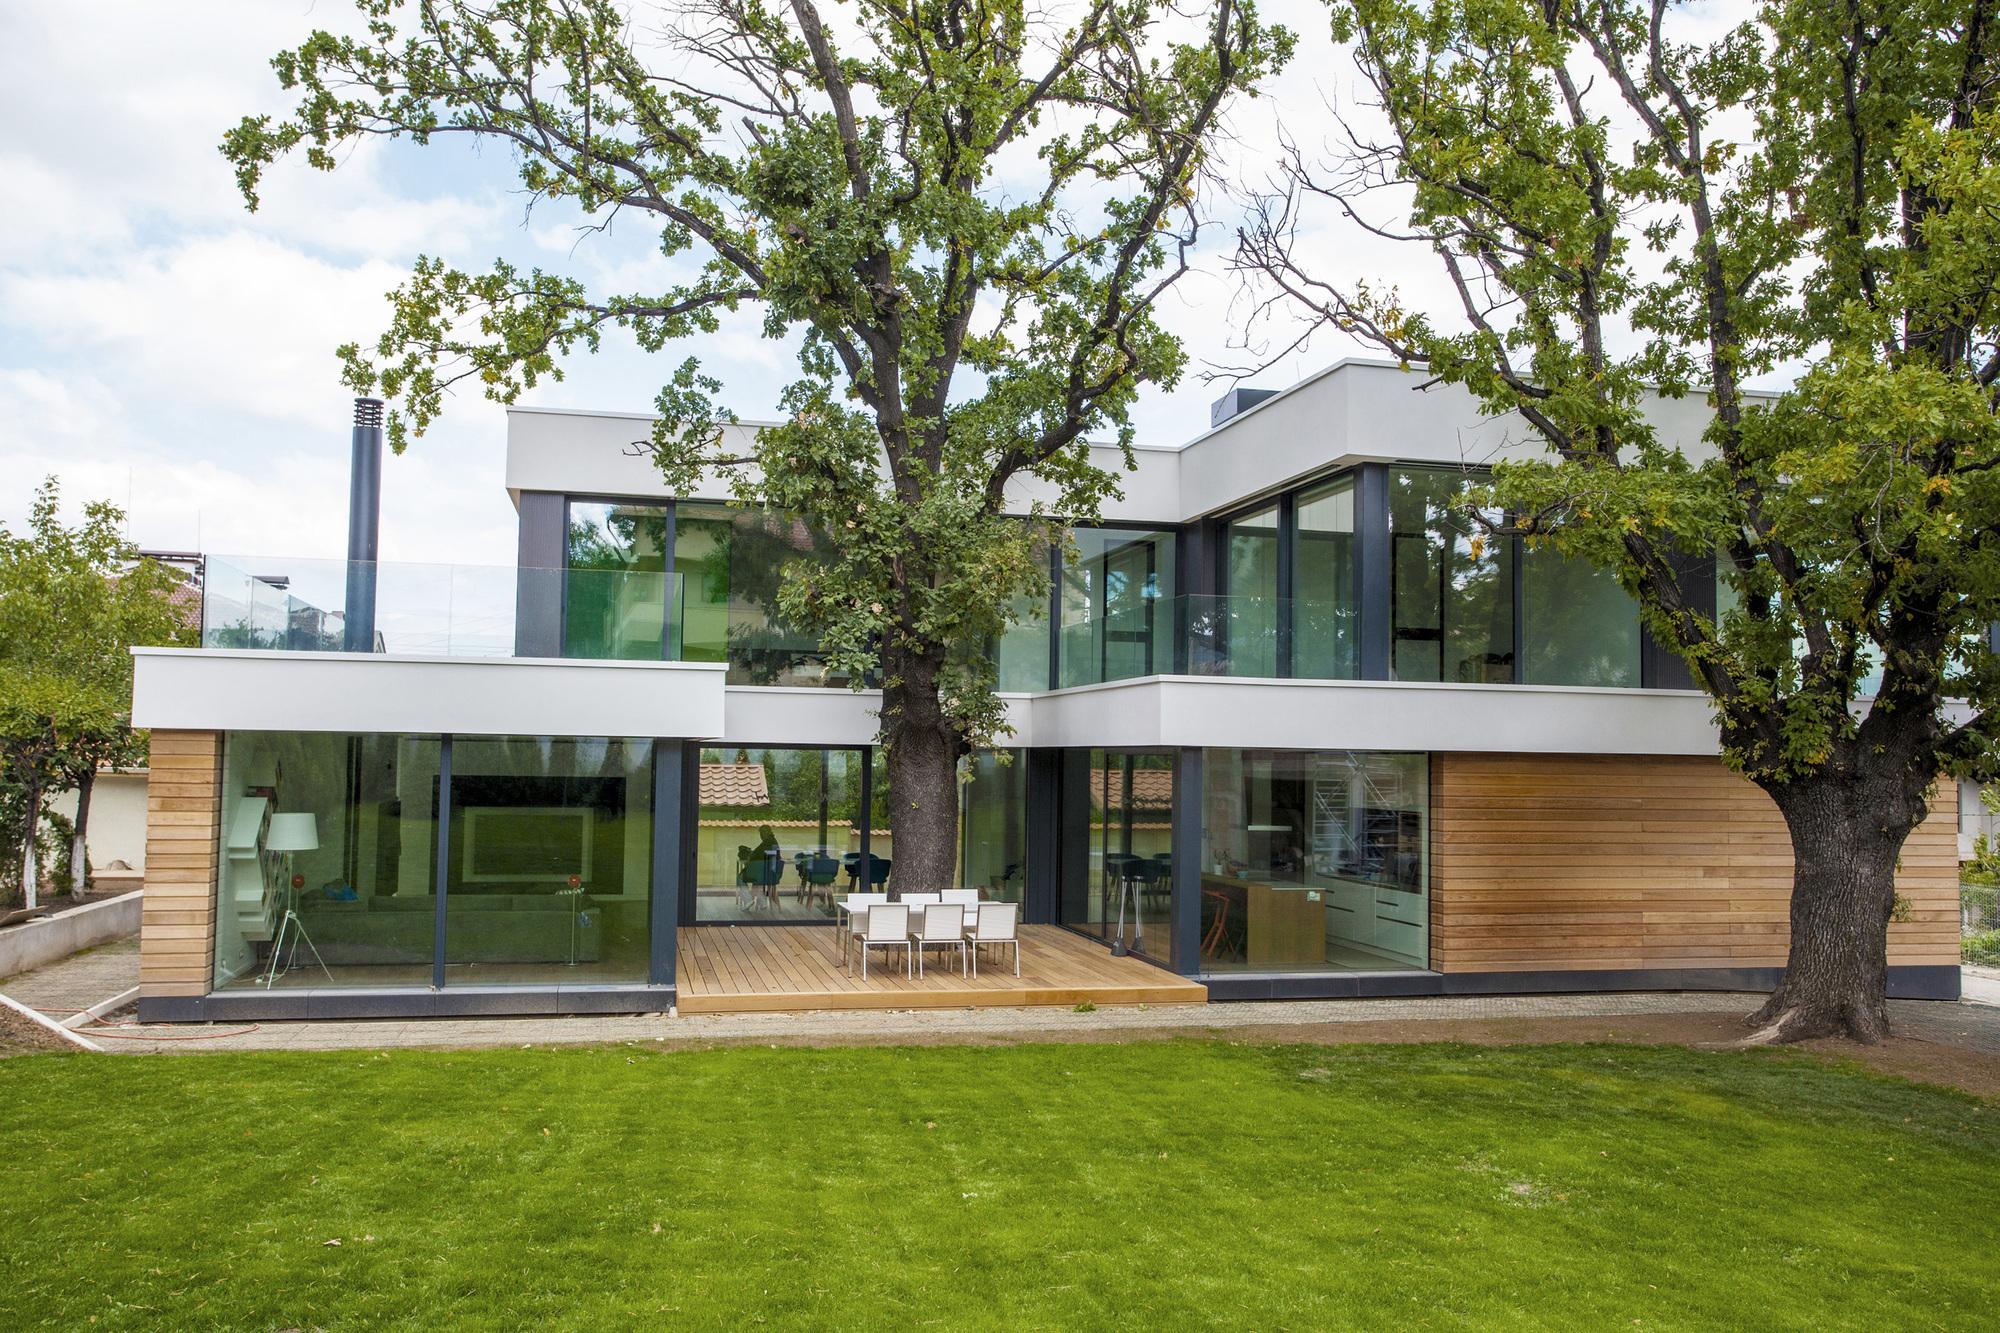 2-oaks-house-obia_obia_2oaks_image_06_alumina_elit